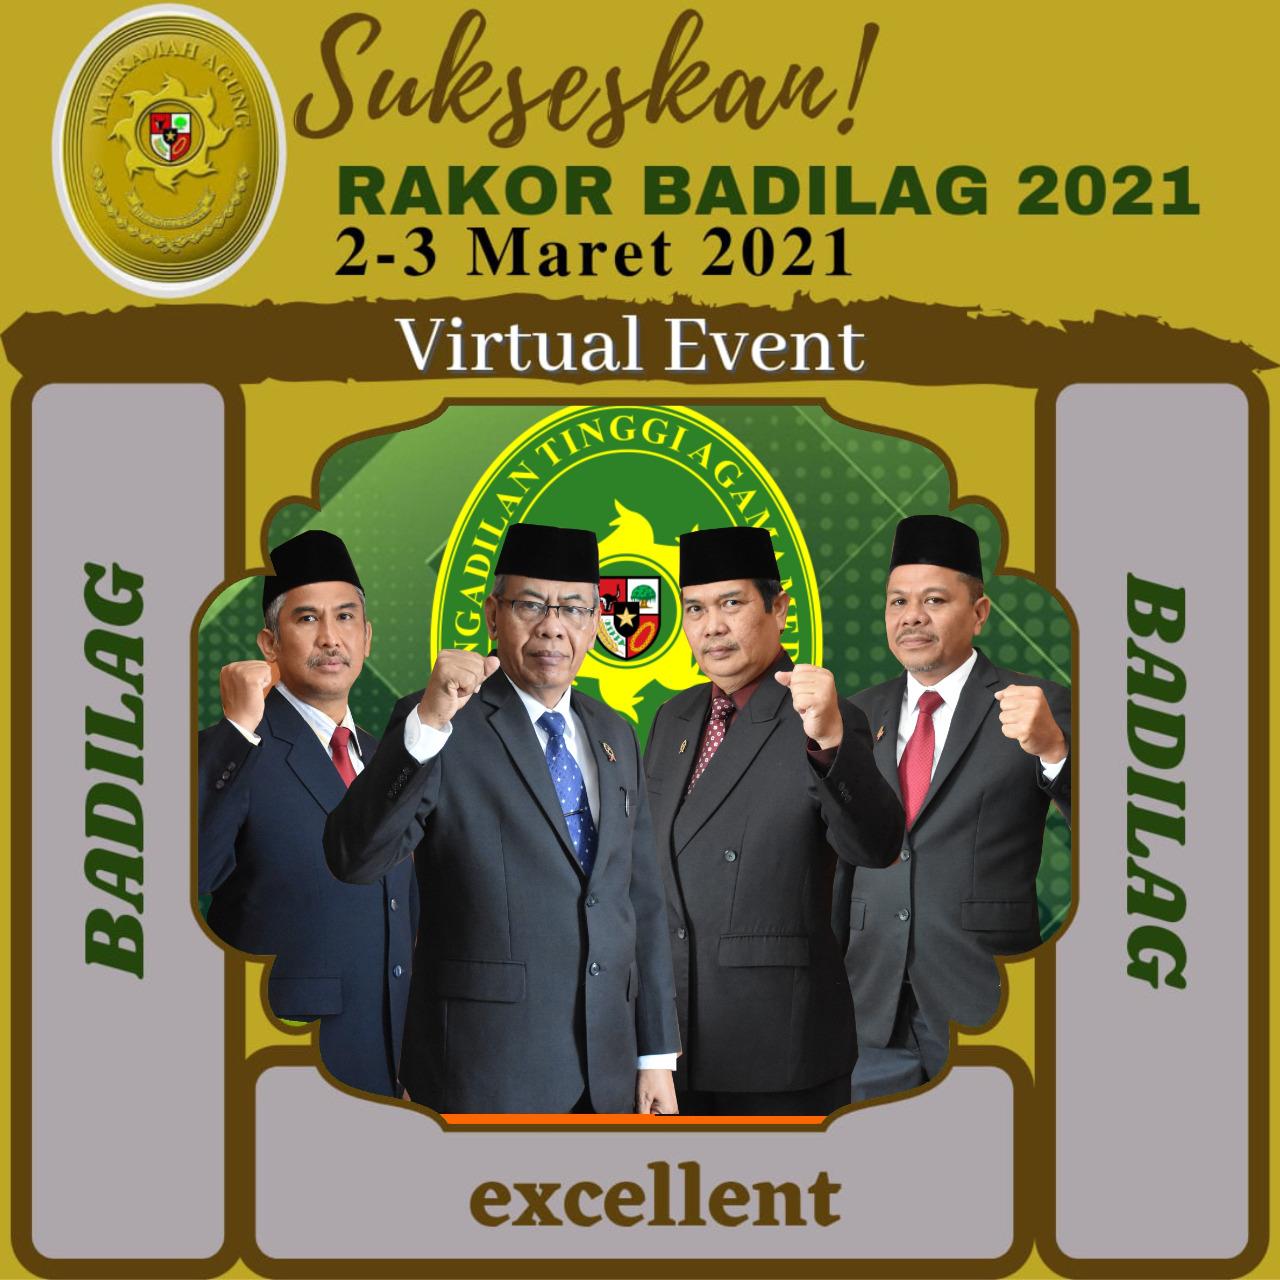 PTA Medan Sambut Antusias Pelaksanaan Rakor Badilag Tahun 2021 | (26/2)